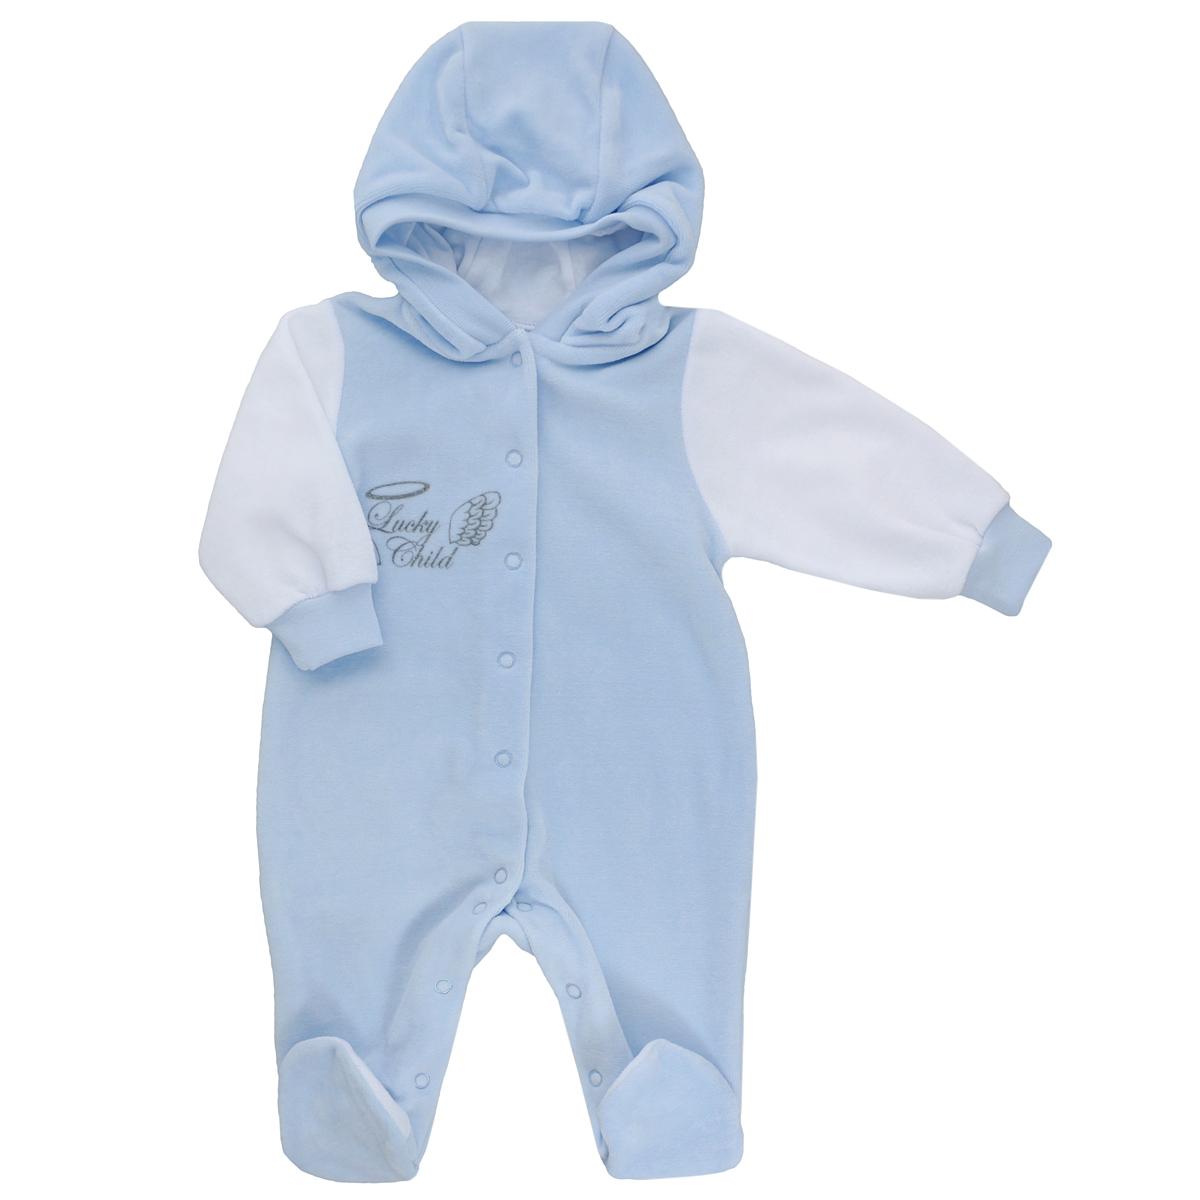 Комбинезон домашний17-3Детский комбинезон Lucky Child Ангелы - очень удобный и практичный вид одежды для малышей. Комбинезон выполнен из велюра, благодаря чему он необычайно мягкий и приятный на ощупь, не раздражает нежную кожу ребенка и хорошо вентилируется, а эластичные швы приятны телу малыша и не препятствуют его движениям. Комбинезон с капюшоном, длинными рукавами и закрытыми ножками имеет застежки-кнопки от горловины до щиколоток, которые помогают легко переодеть младенца или сменить подгузник. Край капюшона и рукава дополнены трикотажными резинками. Комбинезон на груди оформлен надписью в виде логотипа бренда и изображением крылышек, а на спинке дополнен текстильными крылышками, вышитыми металлизированной нитью. С детским комбинезоном Lucky Child спинка и ножки вашего малыша всегда будут в тепле, он идеален для использования днем и незаменим ночью. Комбинезон полностью соответствует особенностям жизни младенца в ранний период, не стесняя и не ограничивая его в движениях!